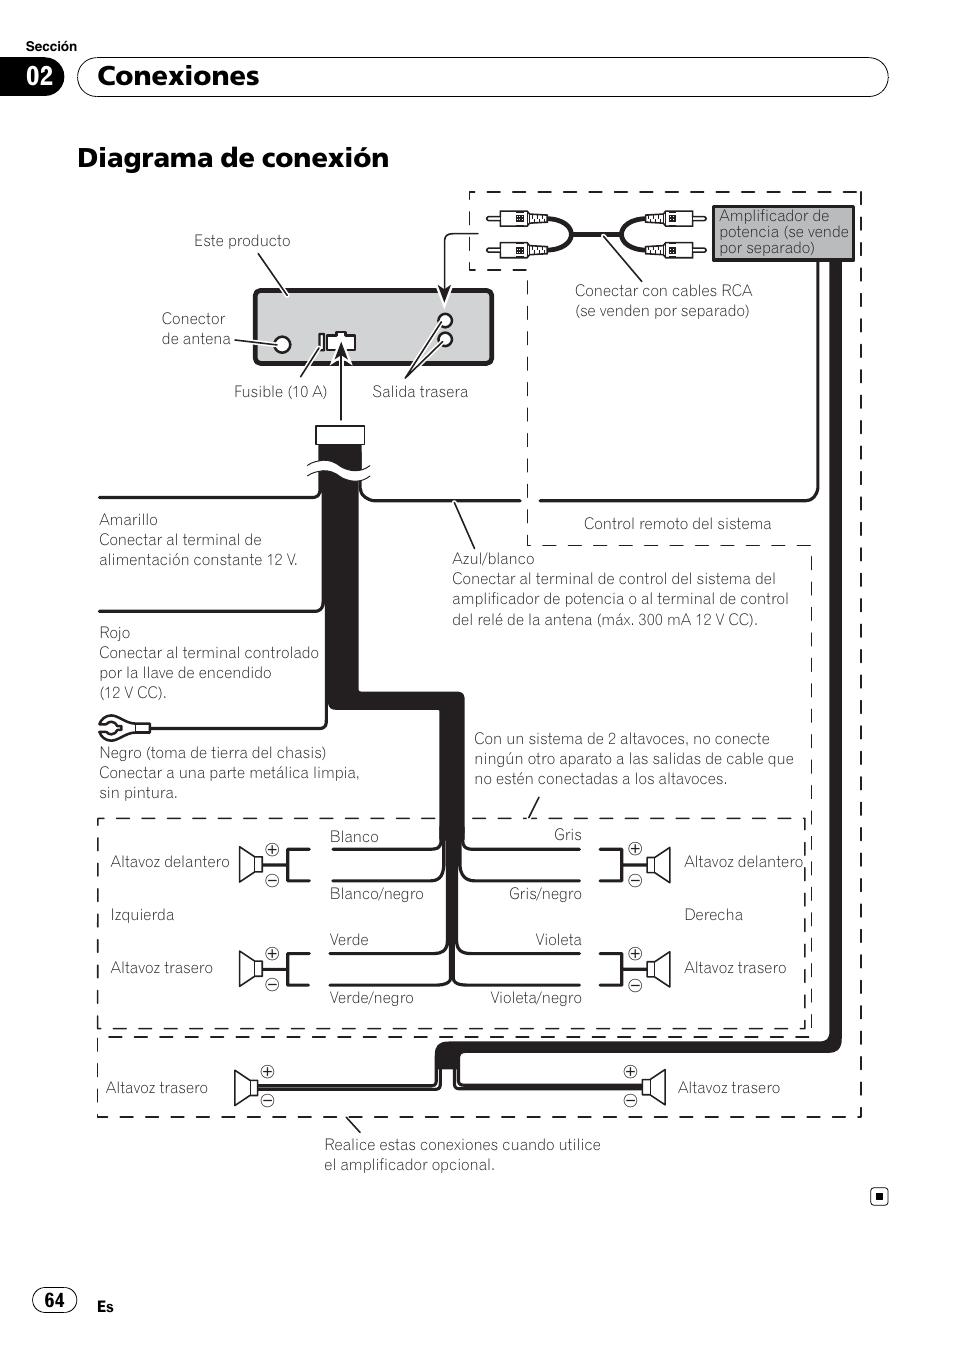 pioneer deh 2200ub page64?resize\=665%2C942 diagrams 457274 pioneer deh p4000ub wiring diagram pioneer deh deh p4000ub wiring diagram at n-0.co